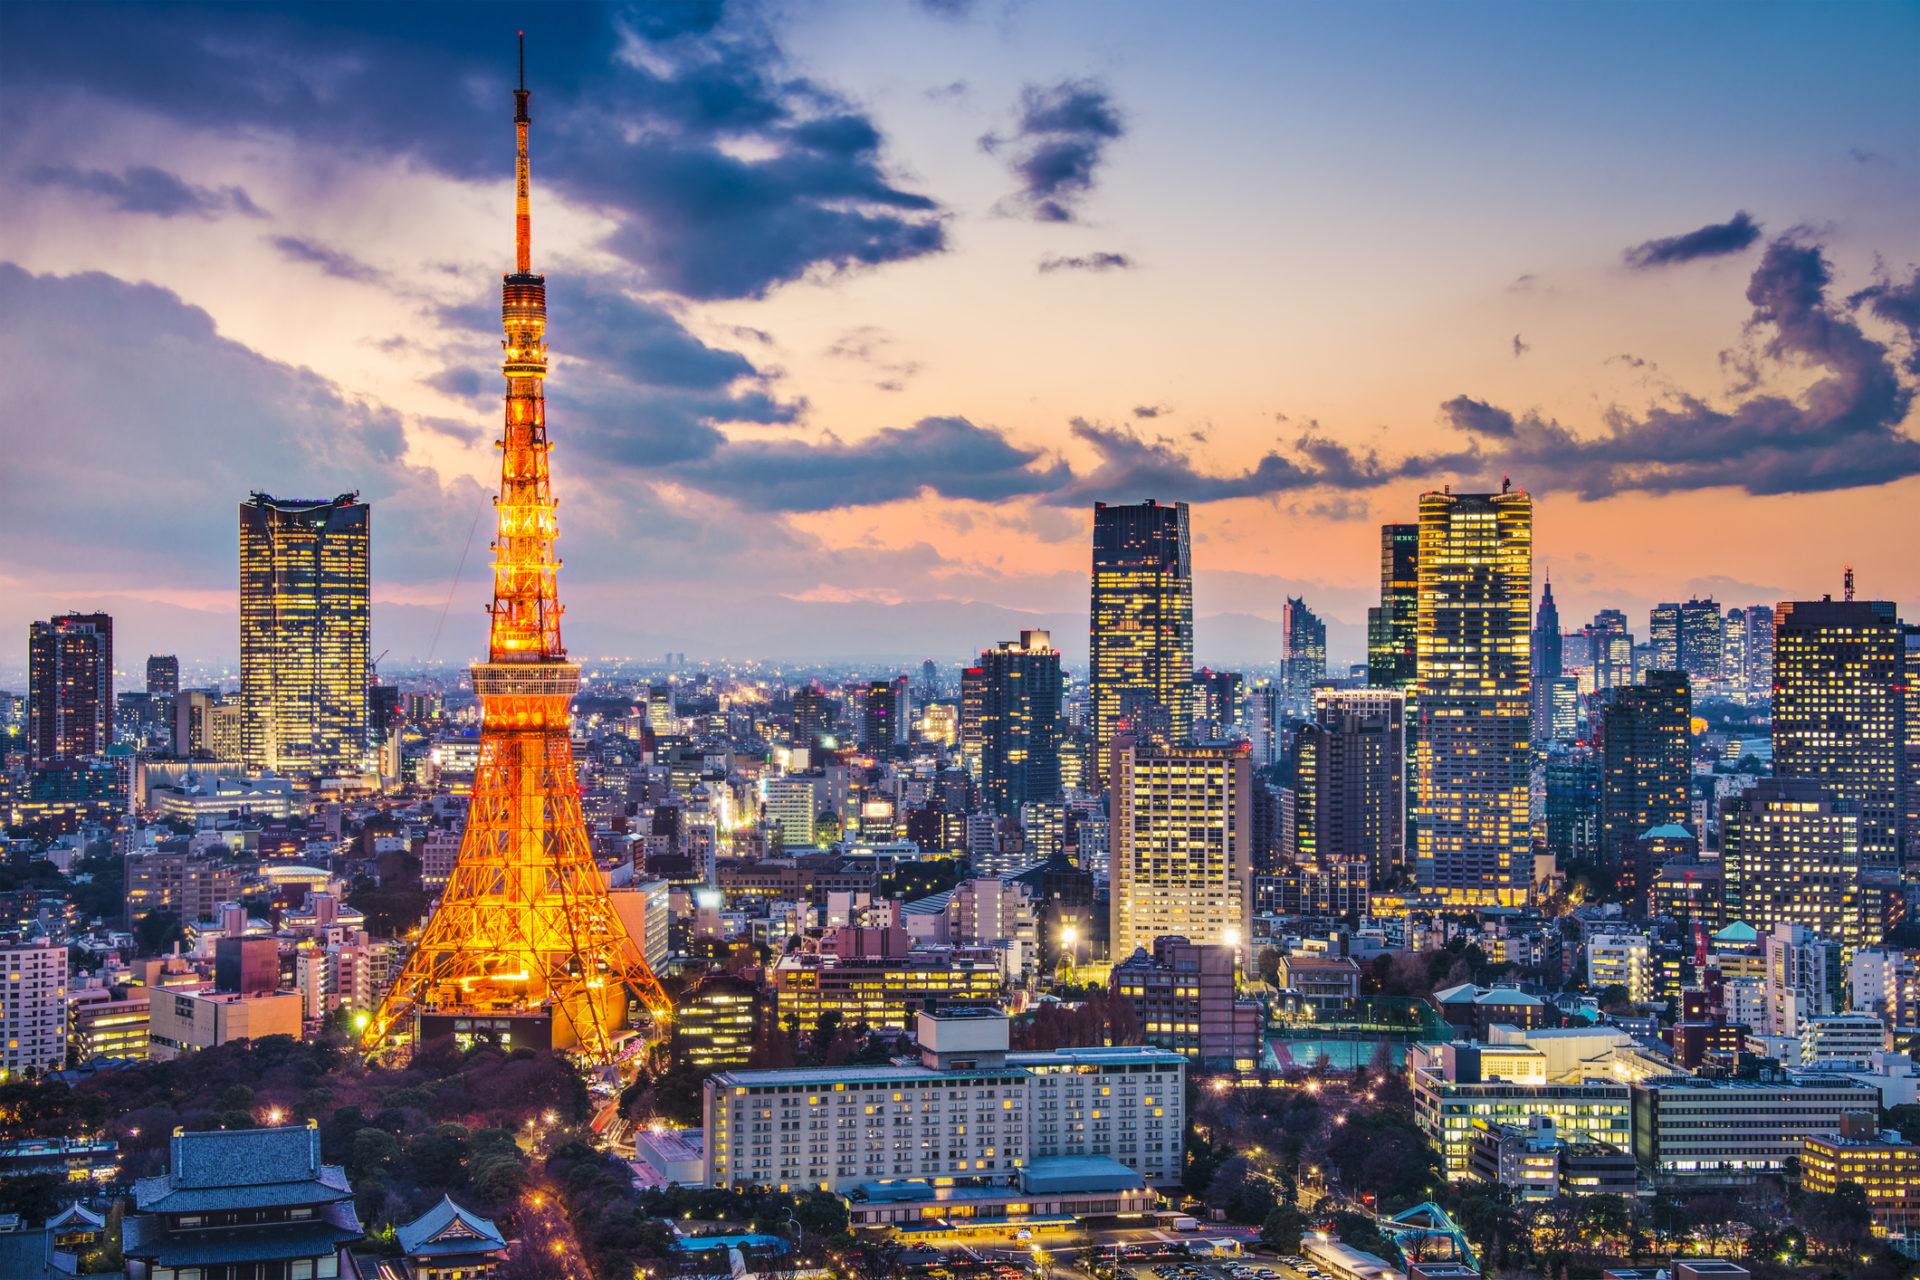 Hình ảnh tháp Tokyo lúc giao thao giữa đêm và ngày